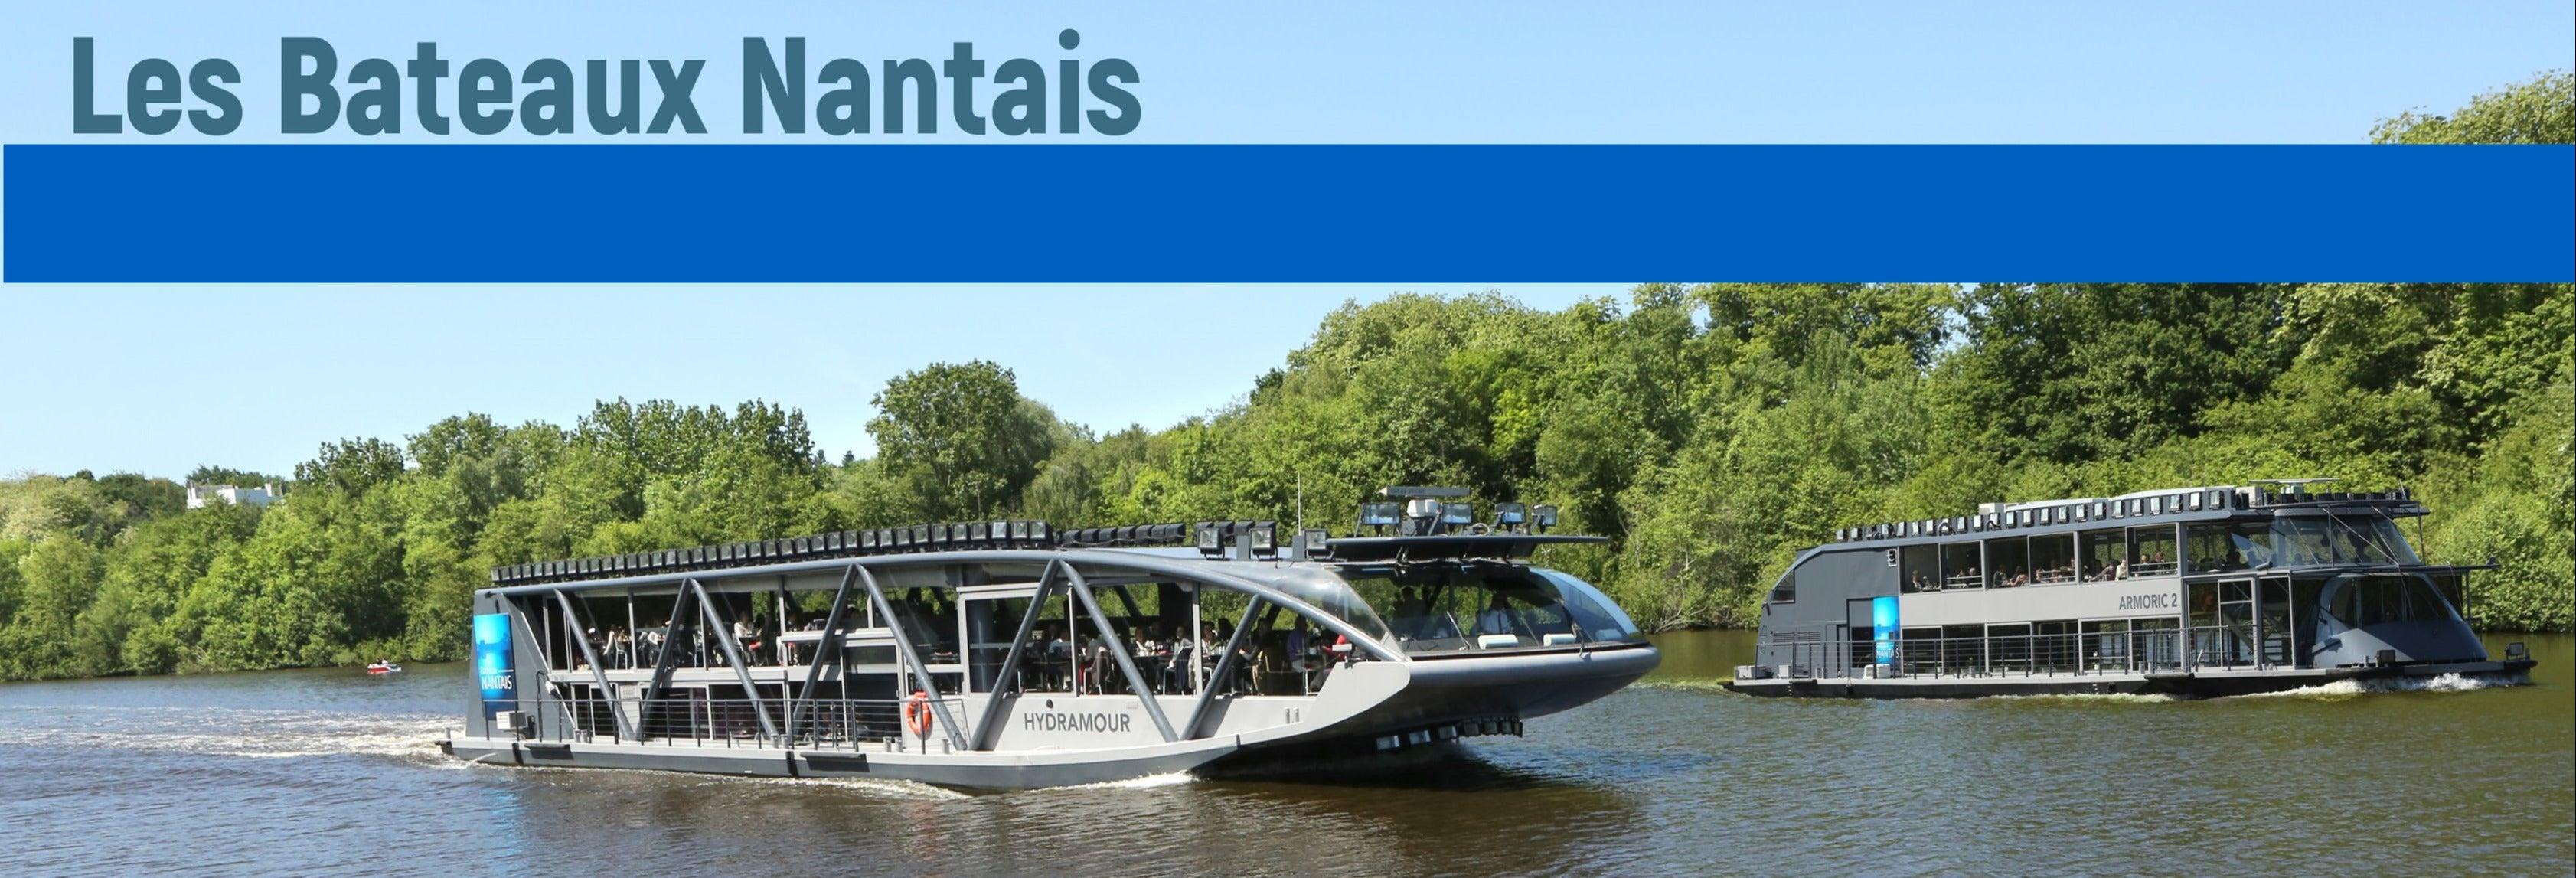 Erdre River Boat Tour